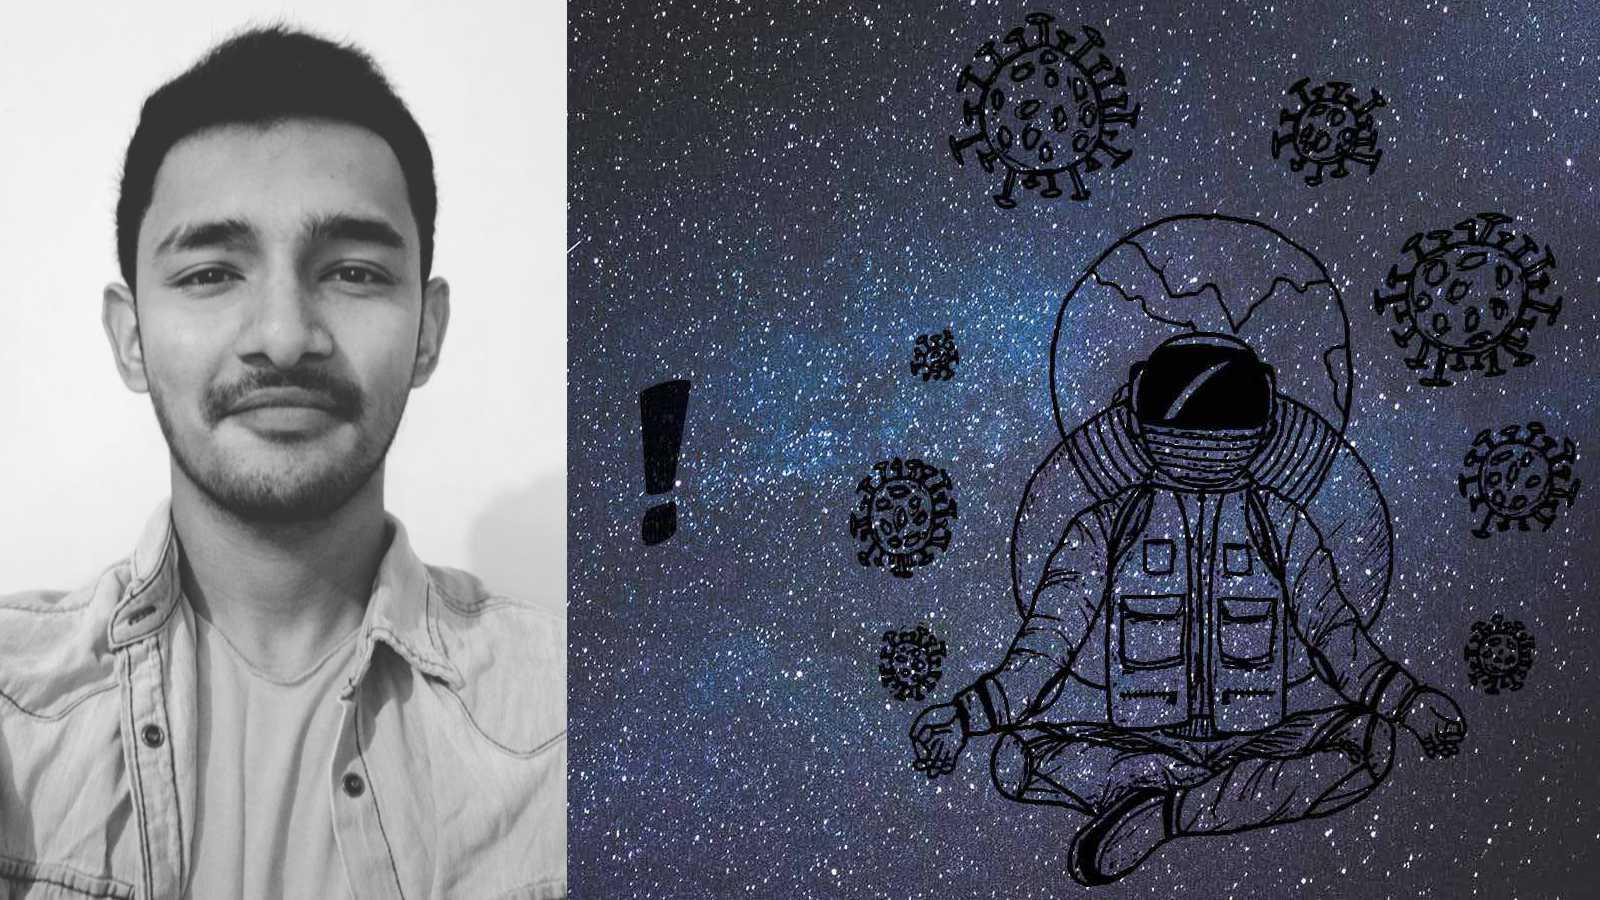 Dixit Chowdhary - Student of Karnavati University